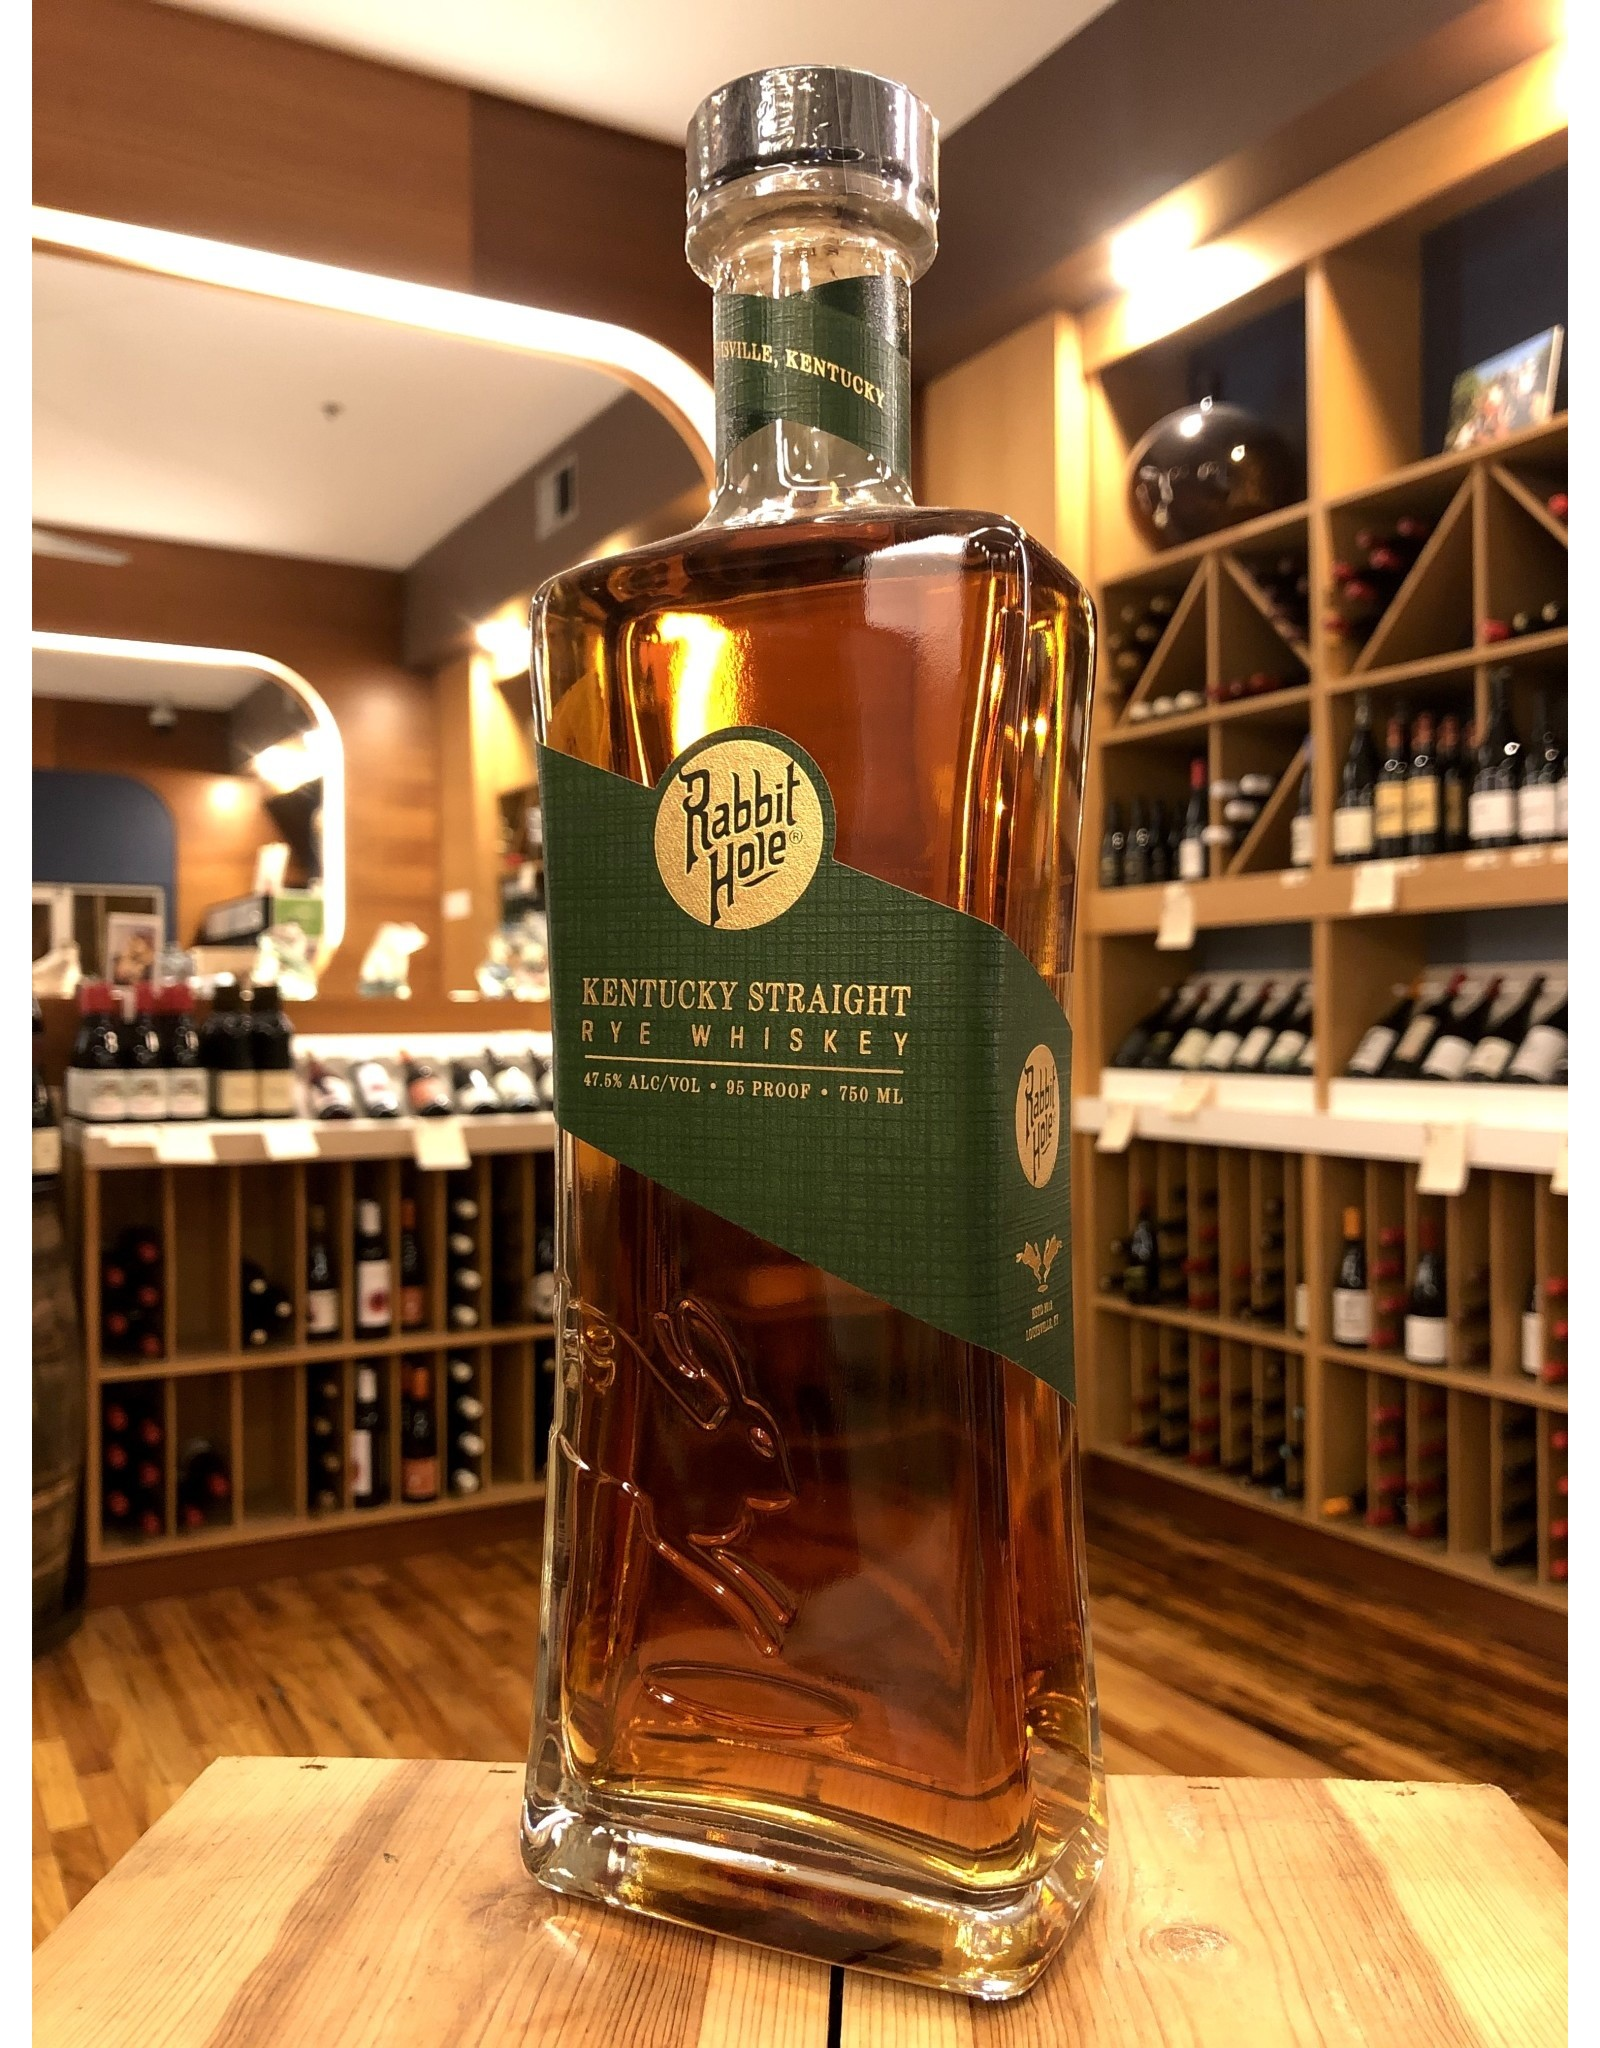 Rabbit Hole Rye Whiskey - 750 ML